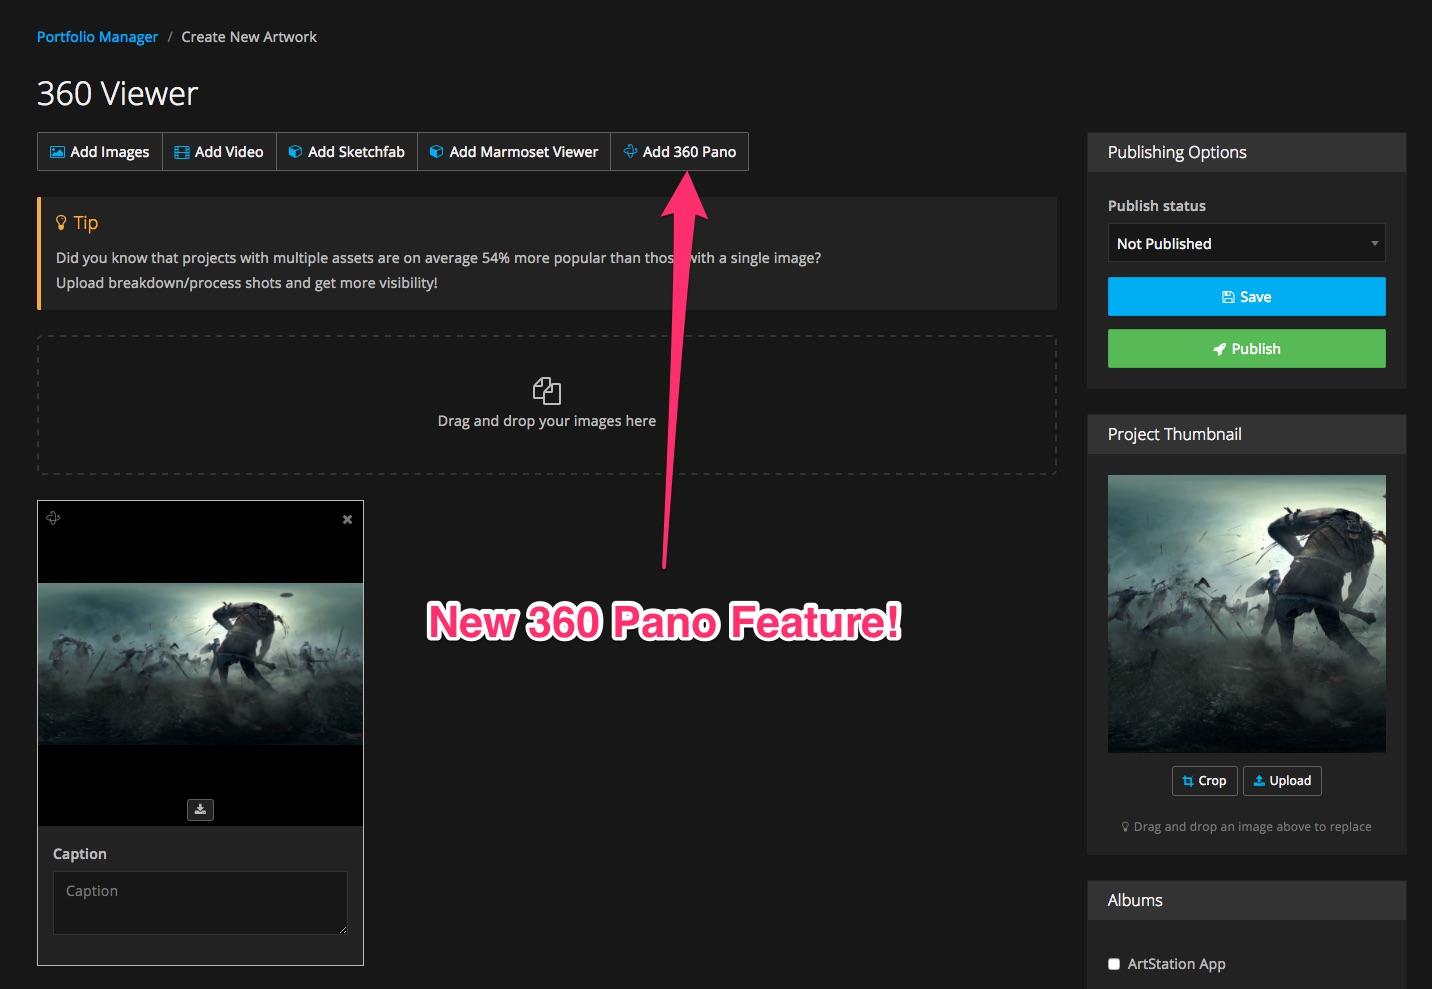 360 Panorama Support - ArtStation Magazine